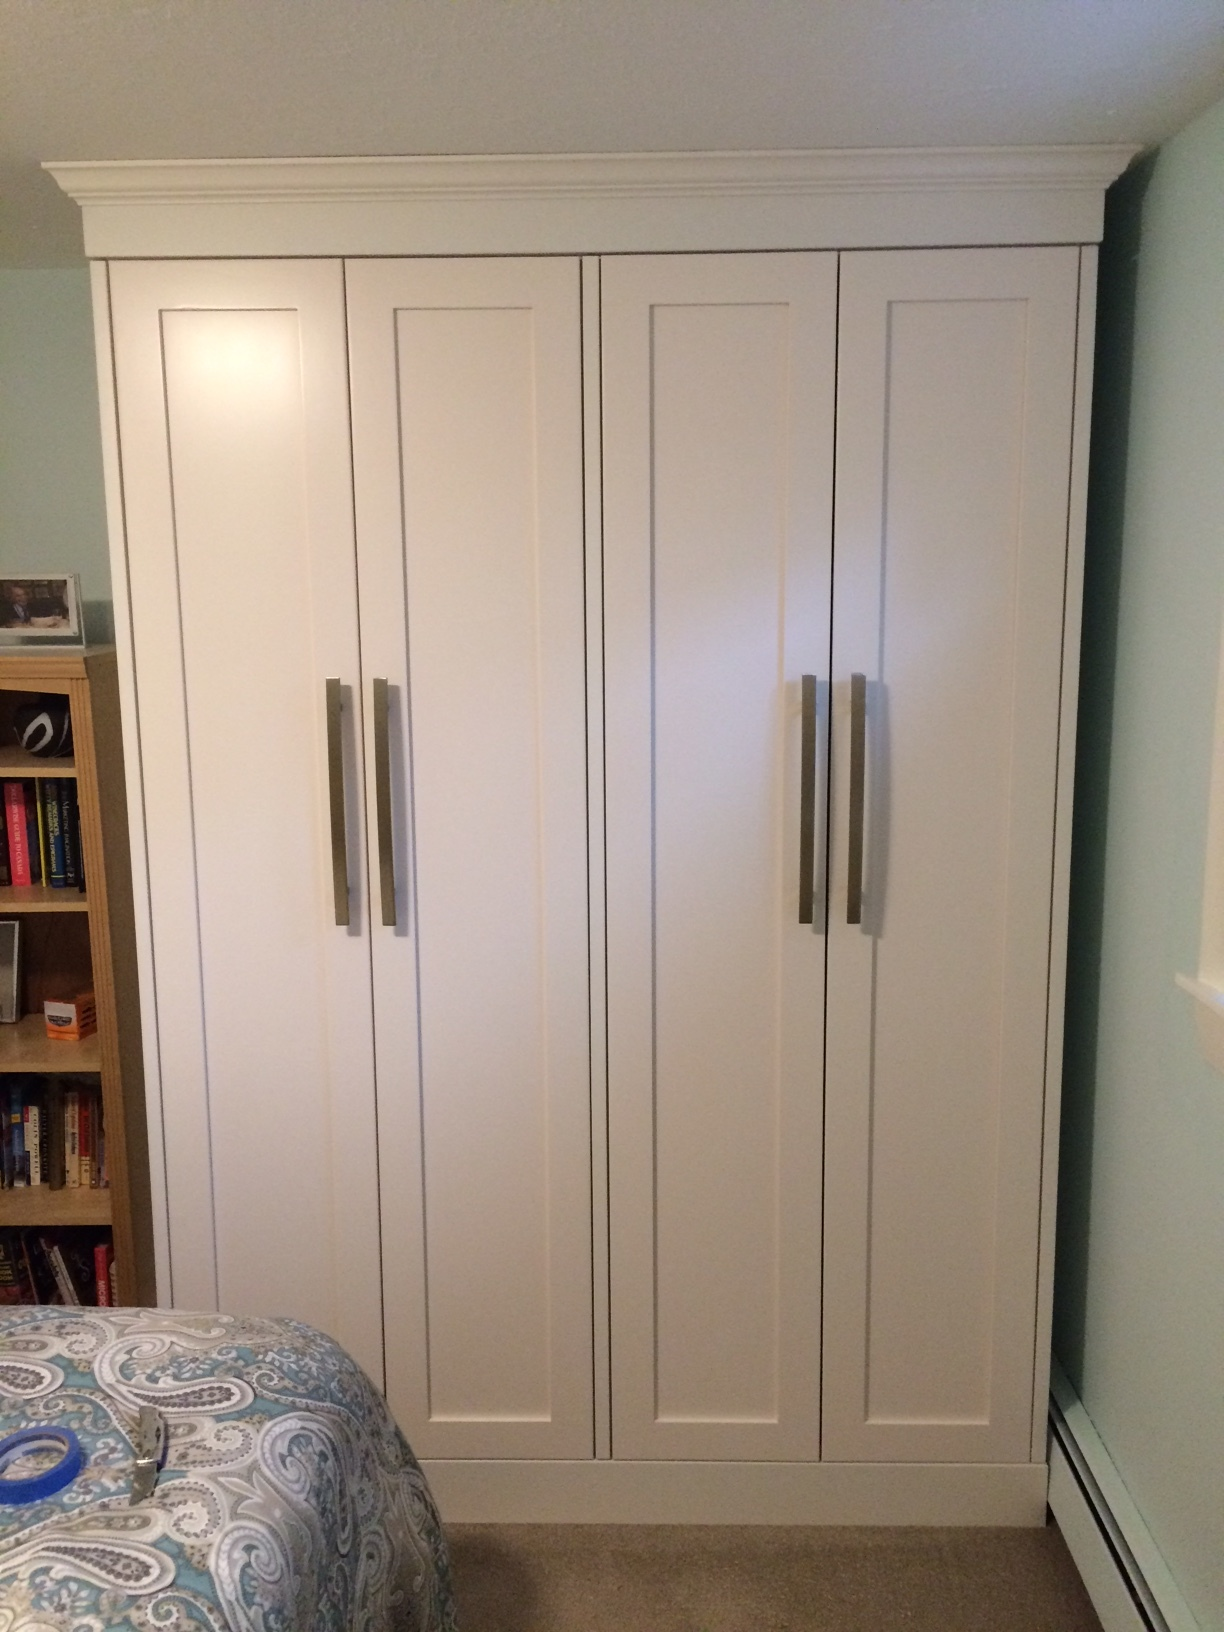 Closet 4 doors.JPG